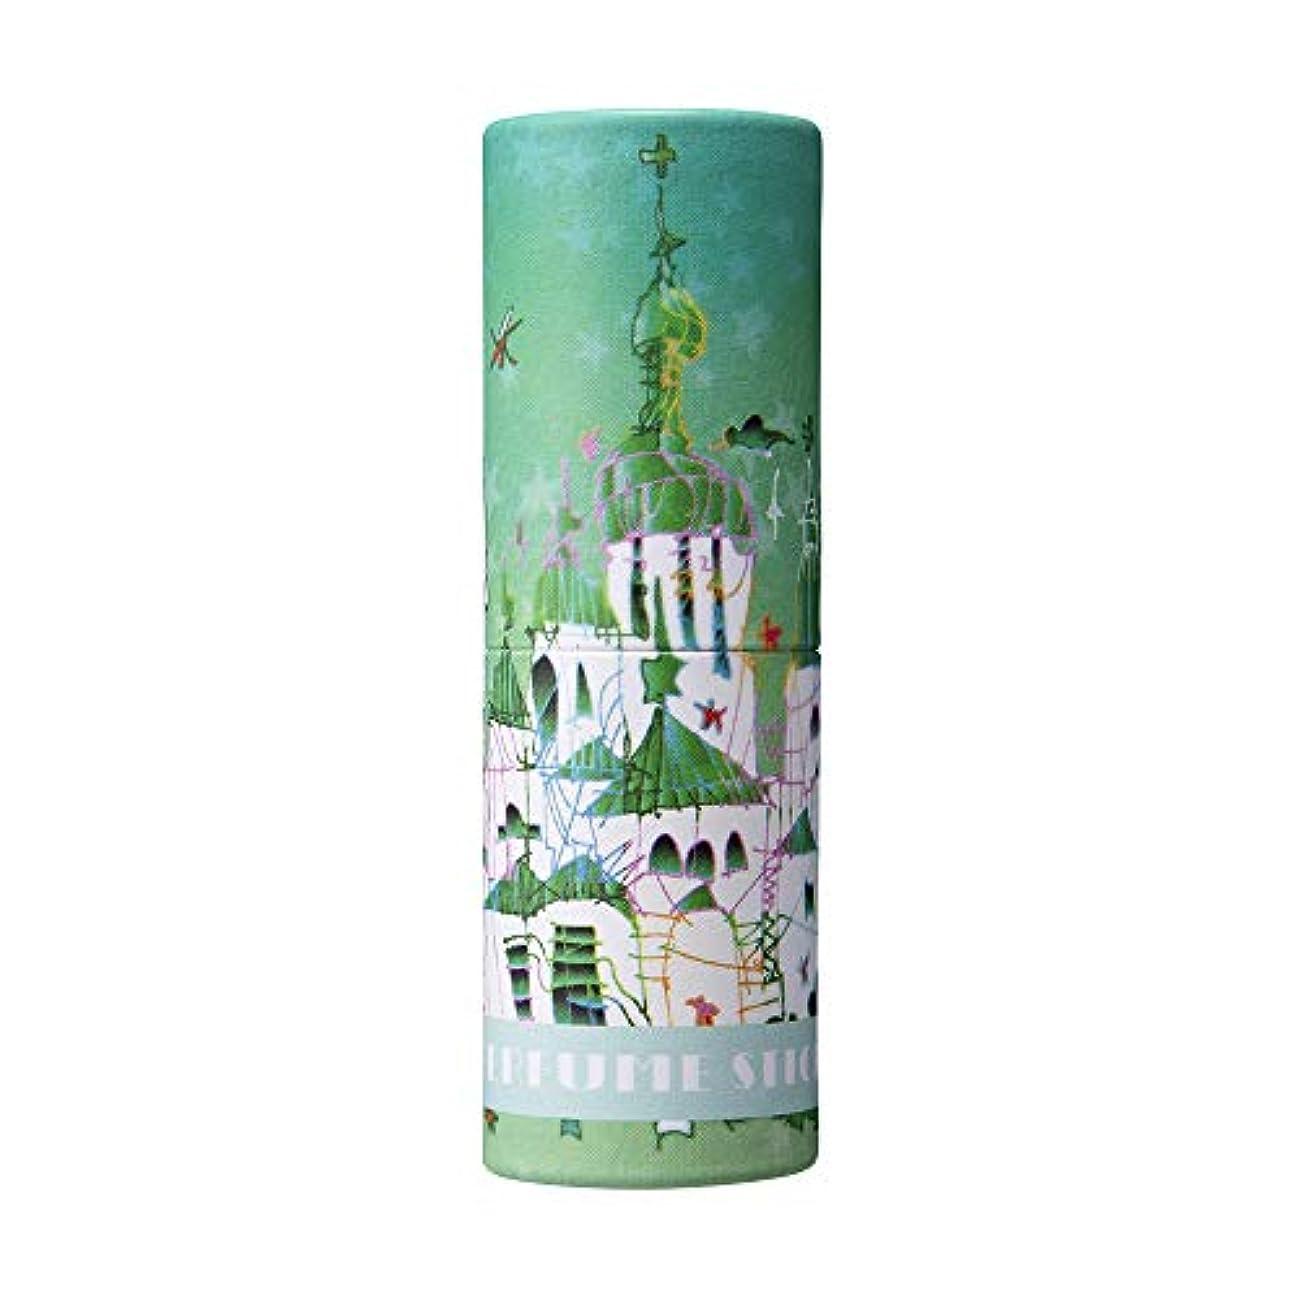 延ばすダムコインパフュームスティック サンクス グリーンアップル&ムスクの香り 世界遺産デザイン 5g